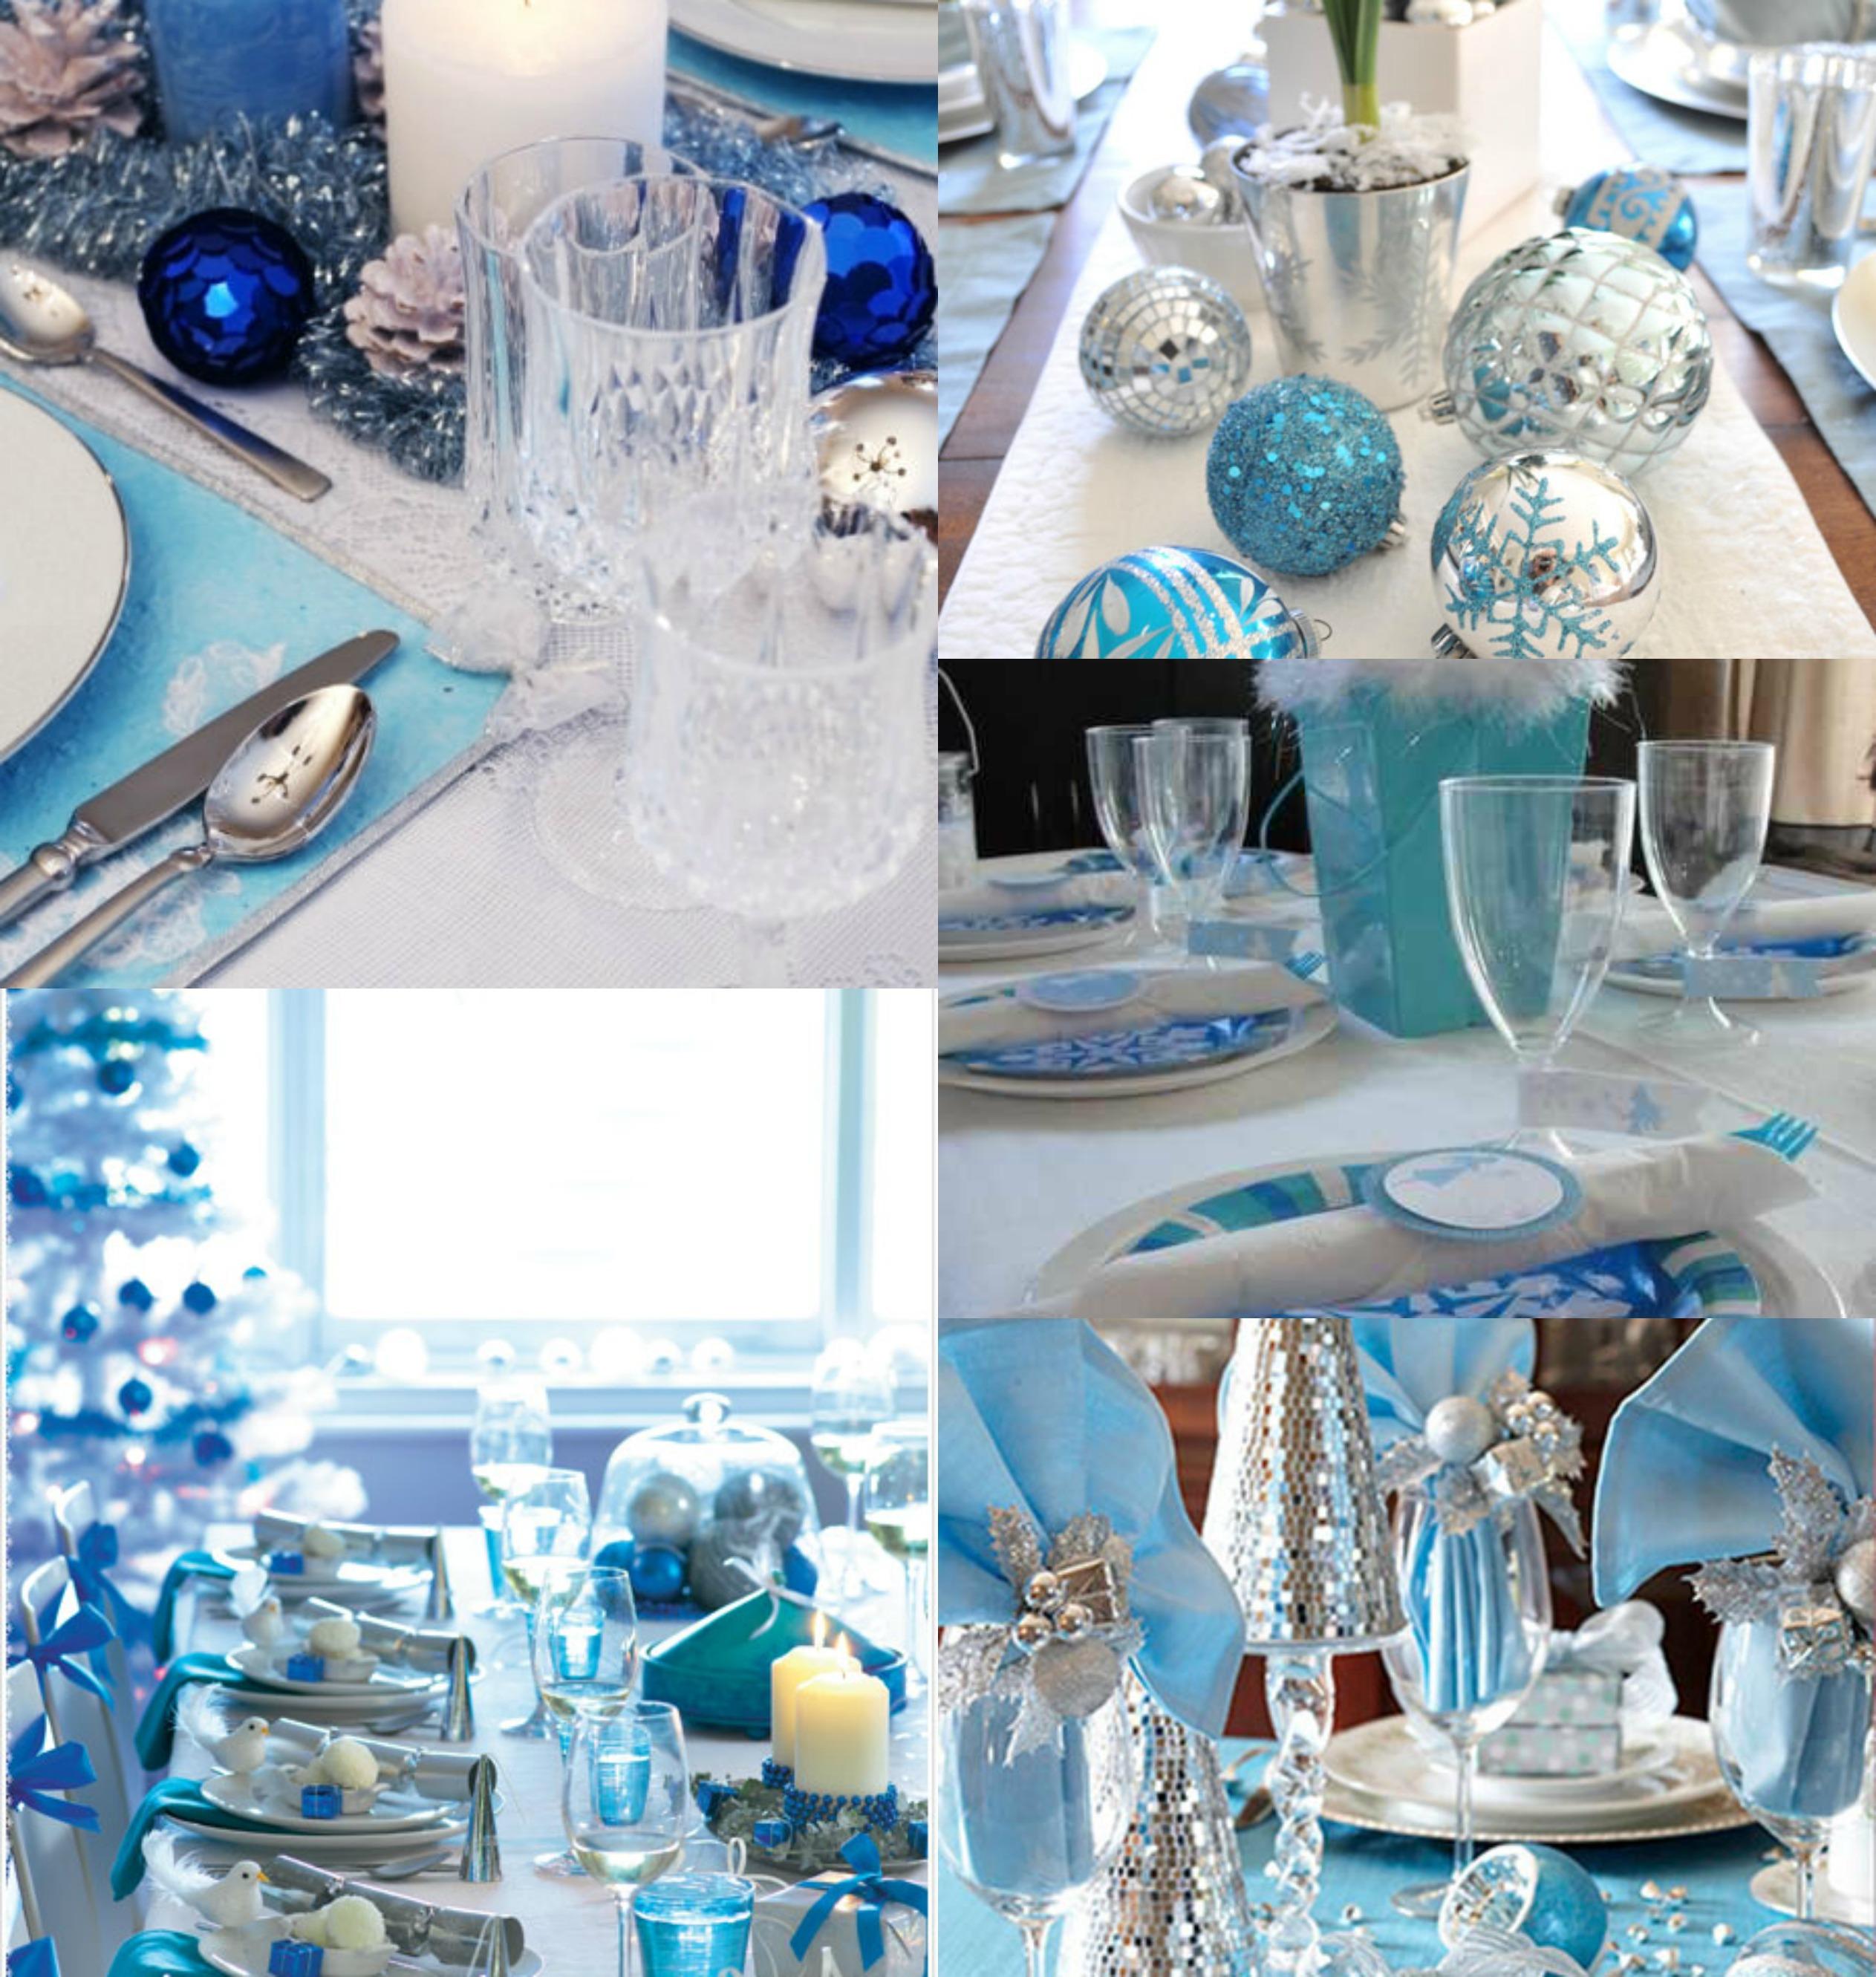 decoration de table noel bleue